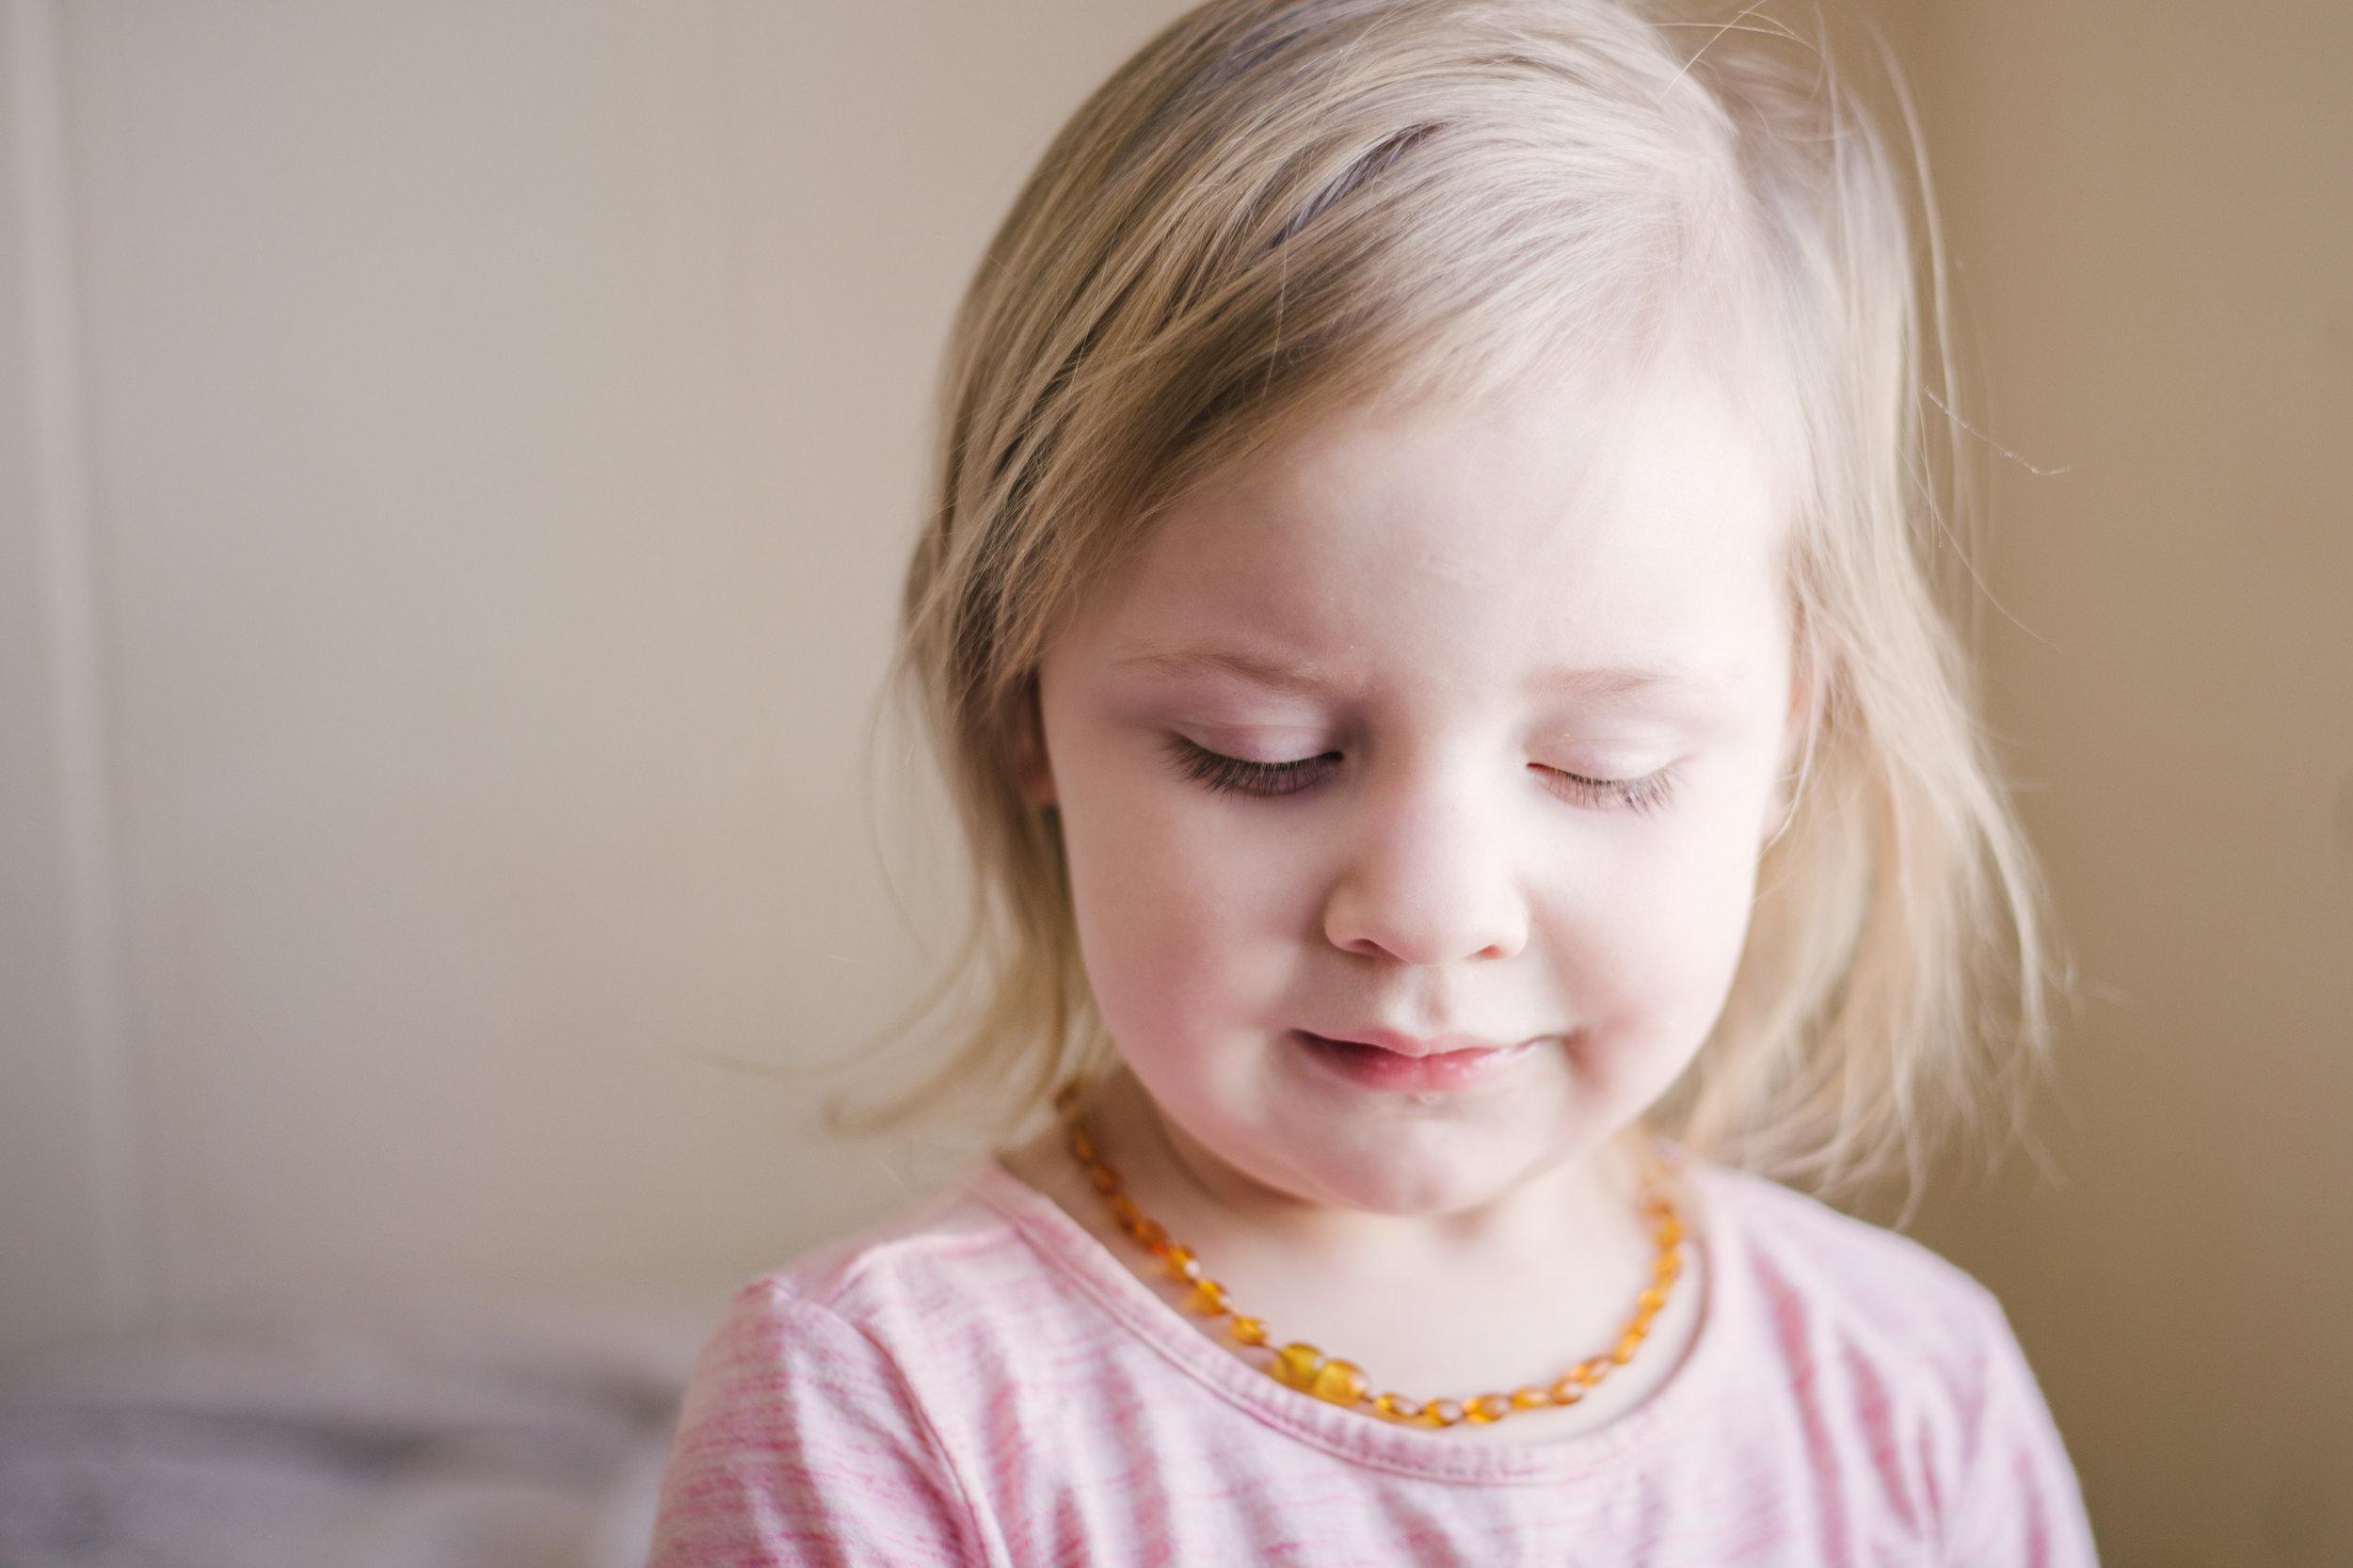 Montana, Pacific Northwest, Lifestyle Photographer - Hazel age 3 - Ashley Tintinger Photography -11.jpg